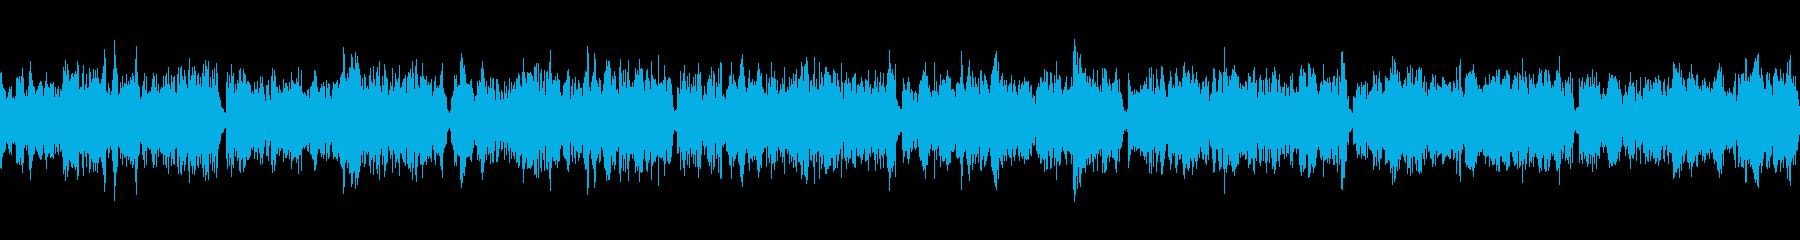 緊急事態のアラート音の再生済みの波形